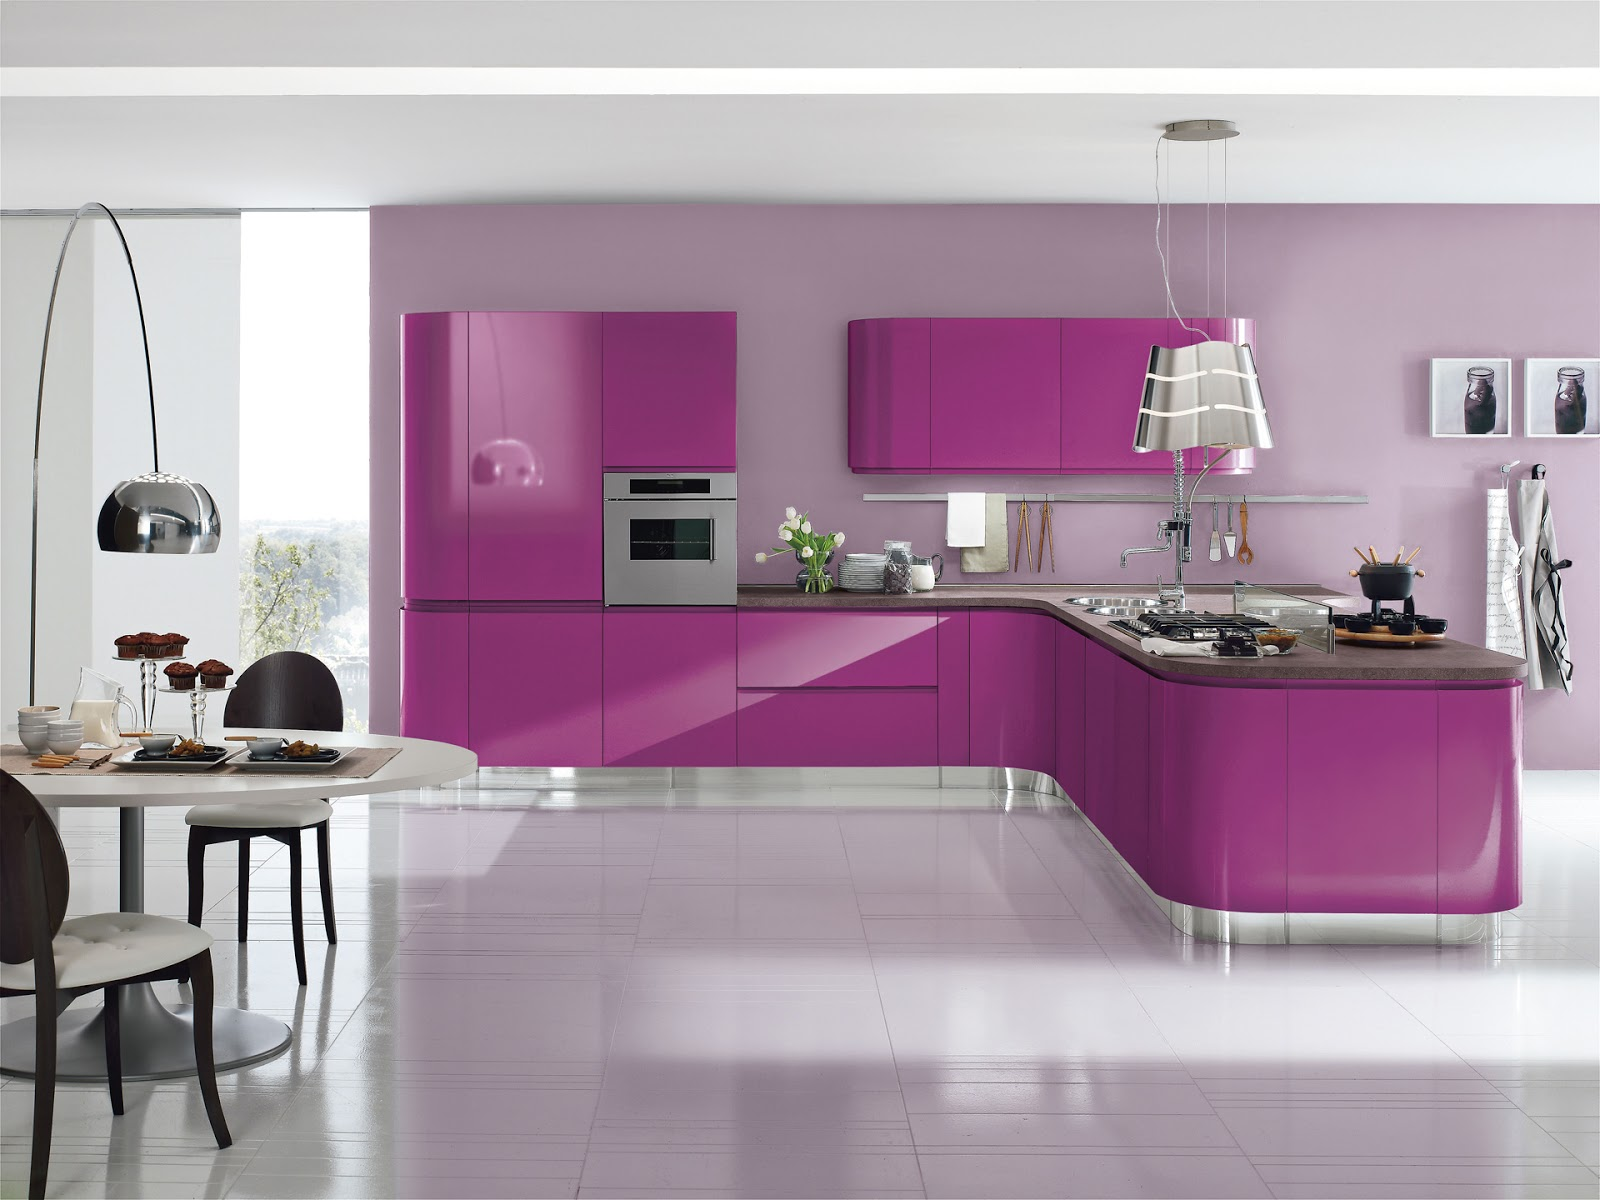 El acabado de la cocina brillo o mate cocinas con estilo - Encimeras de cristal para cocinas ...